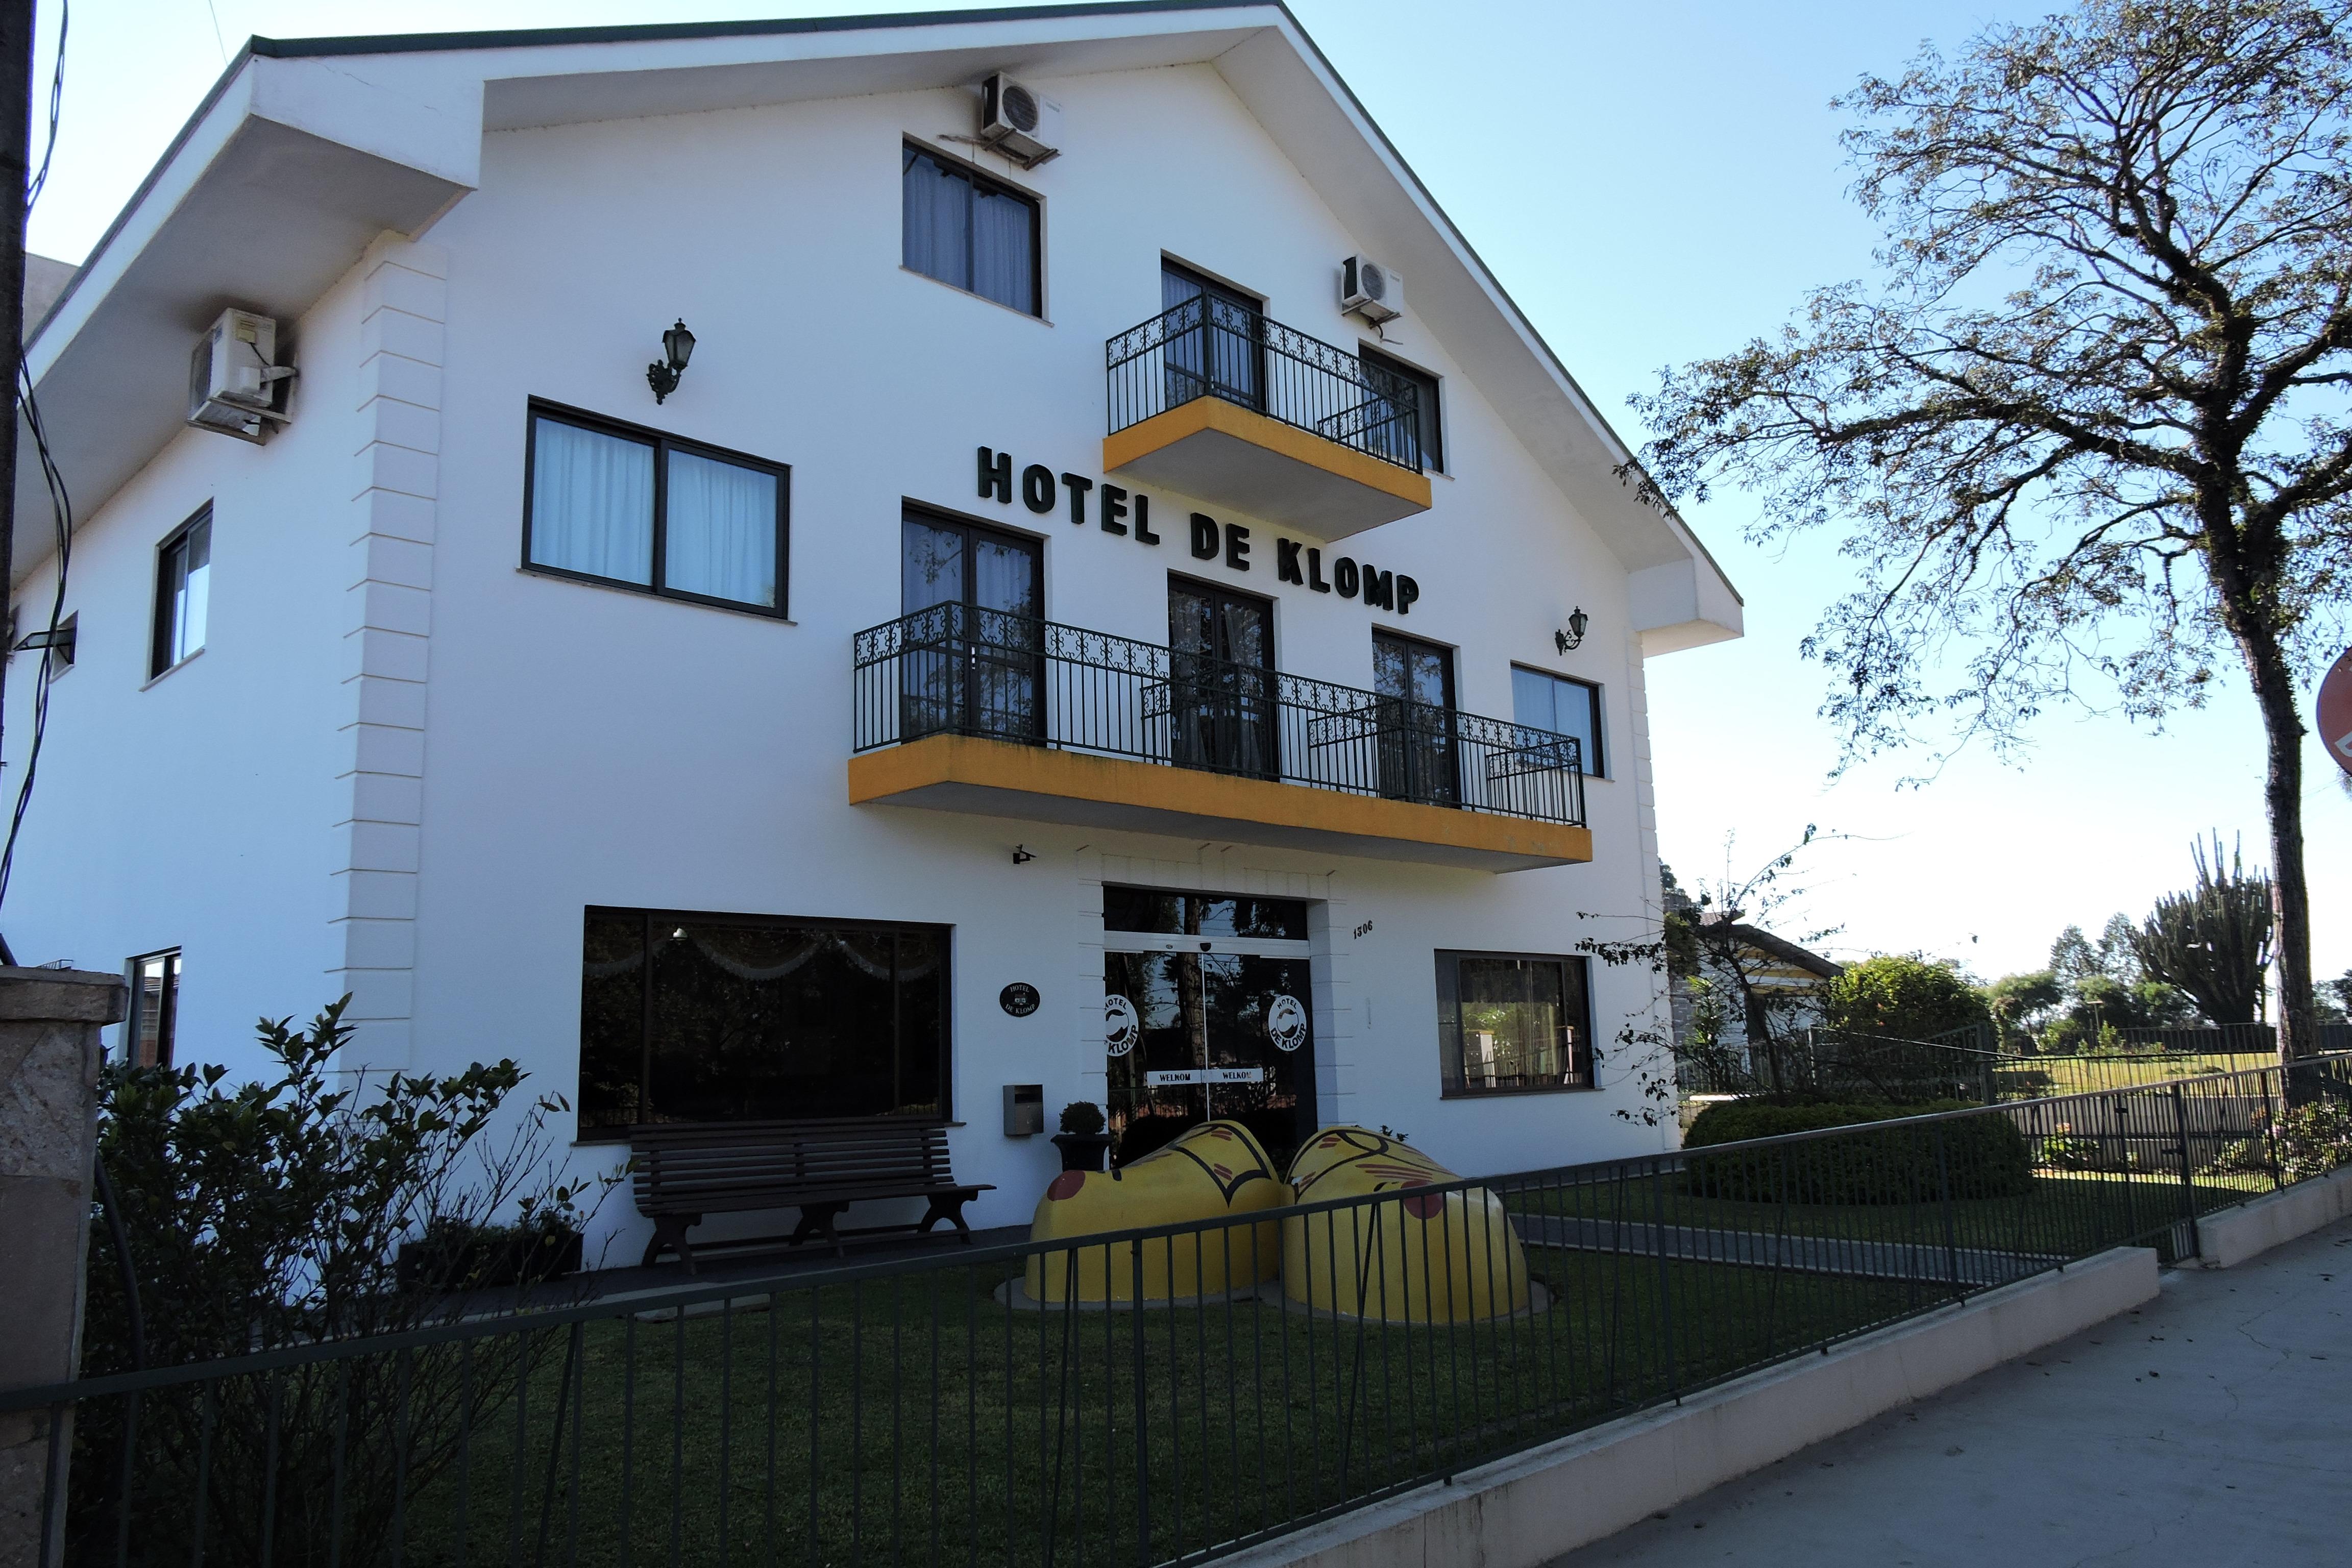 Hotel_de_klomp_carambei